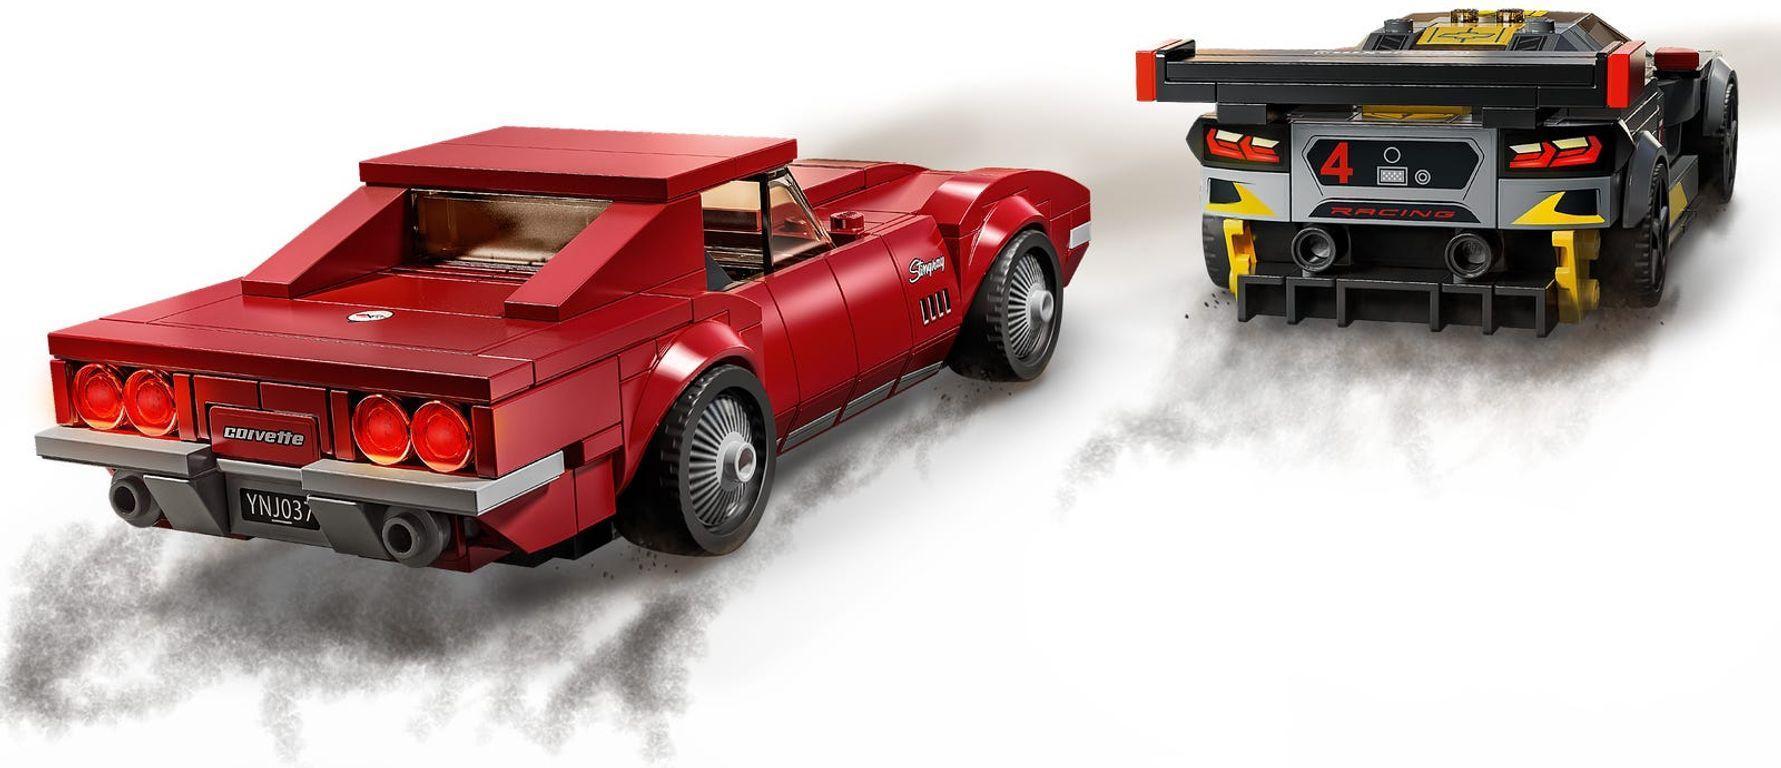 LEGO® Speed Champions Chevrolet Corvette C8.R Race Car and 1968 Chevrolet Corvette back side